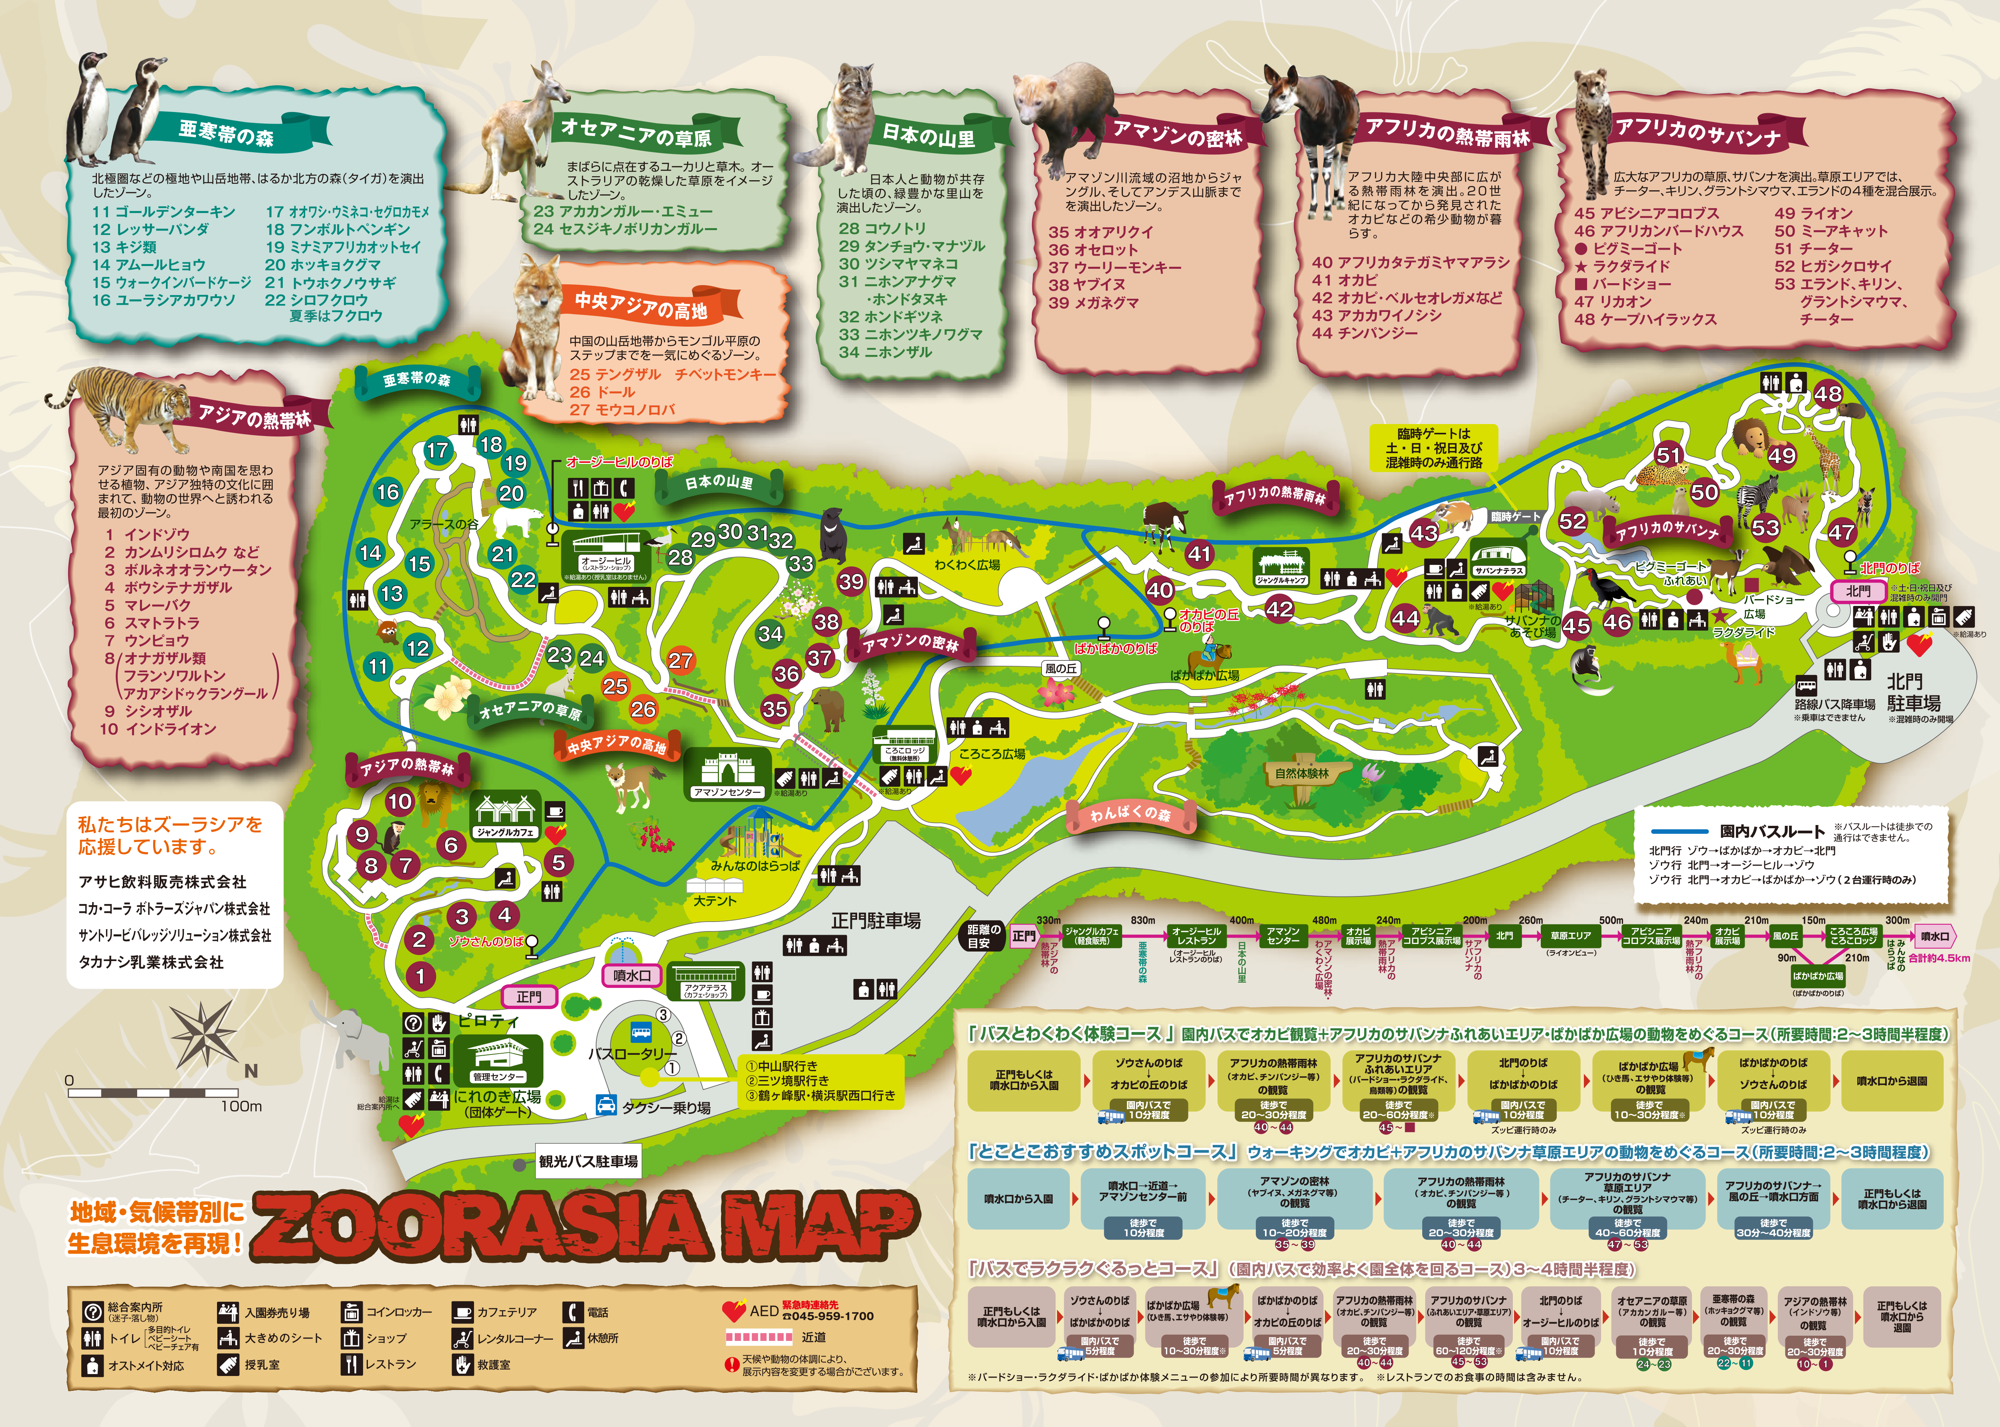 ズーラシアマップ